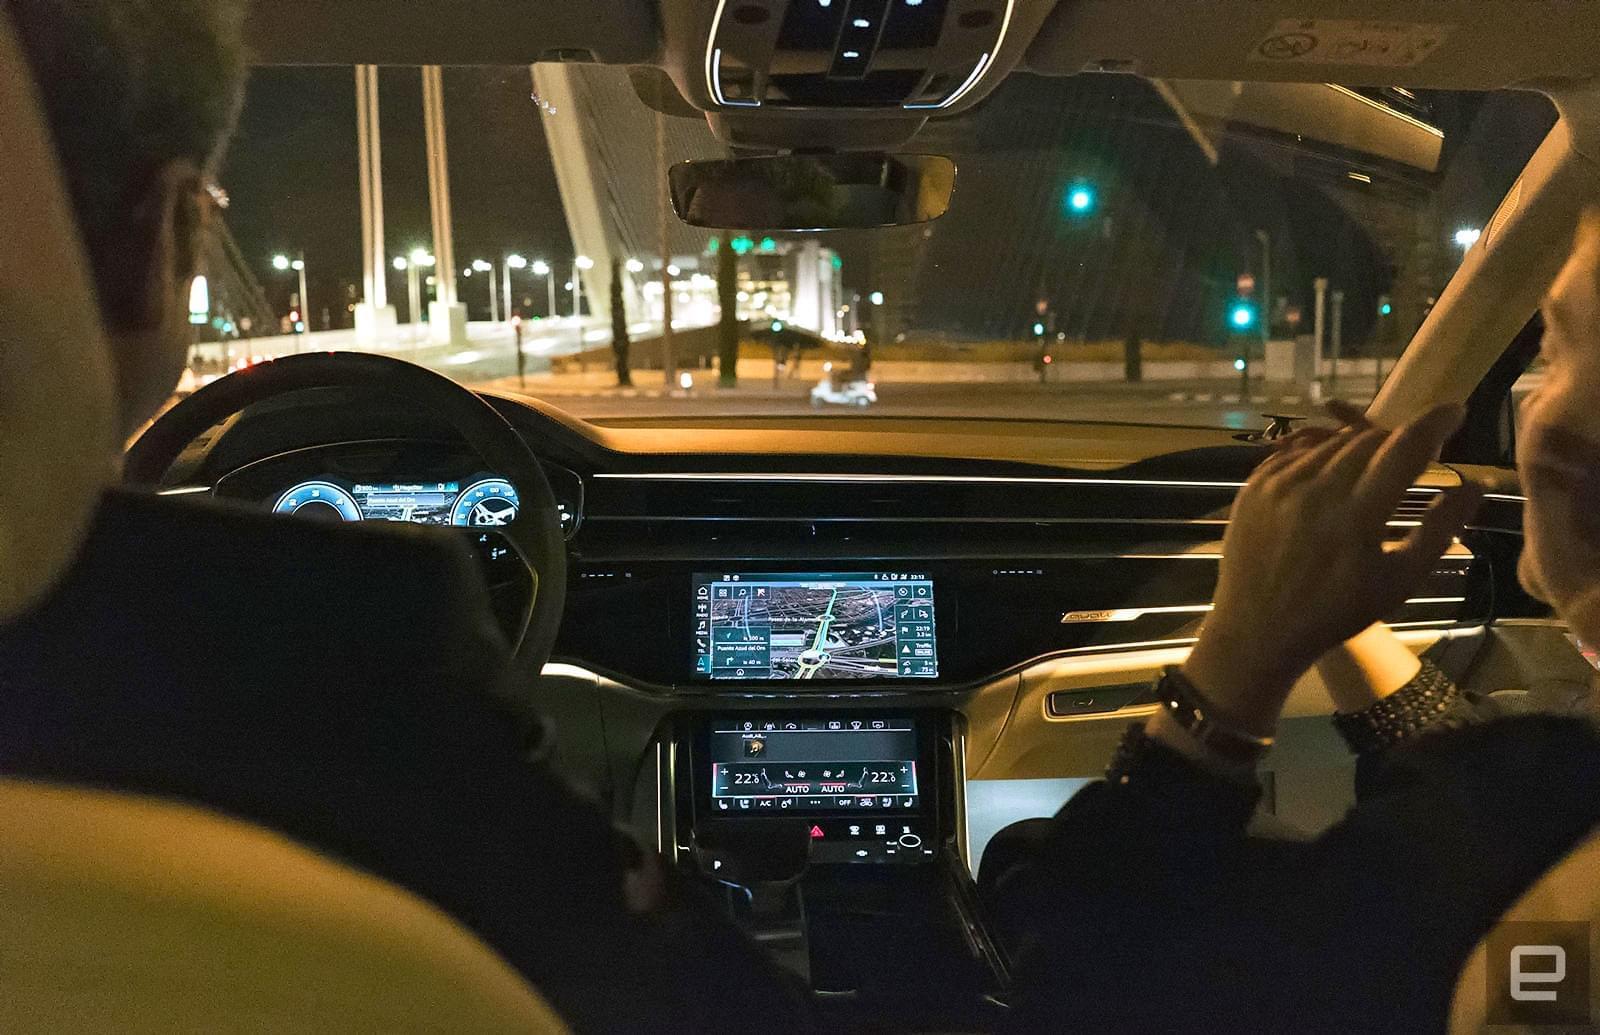 通用汽车将收购自动驾驶技术公司Strobe